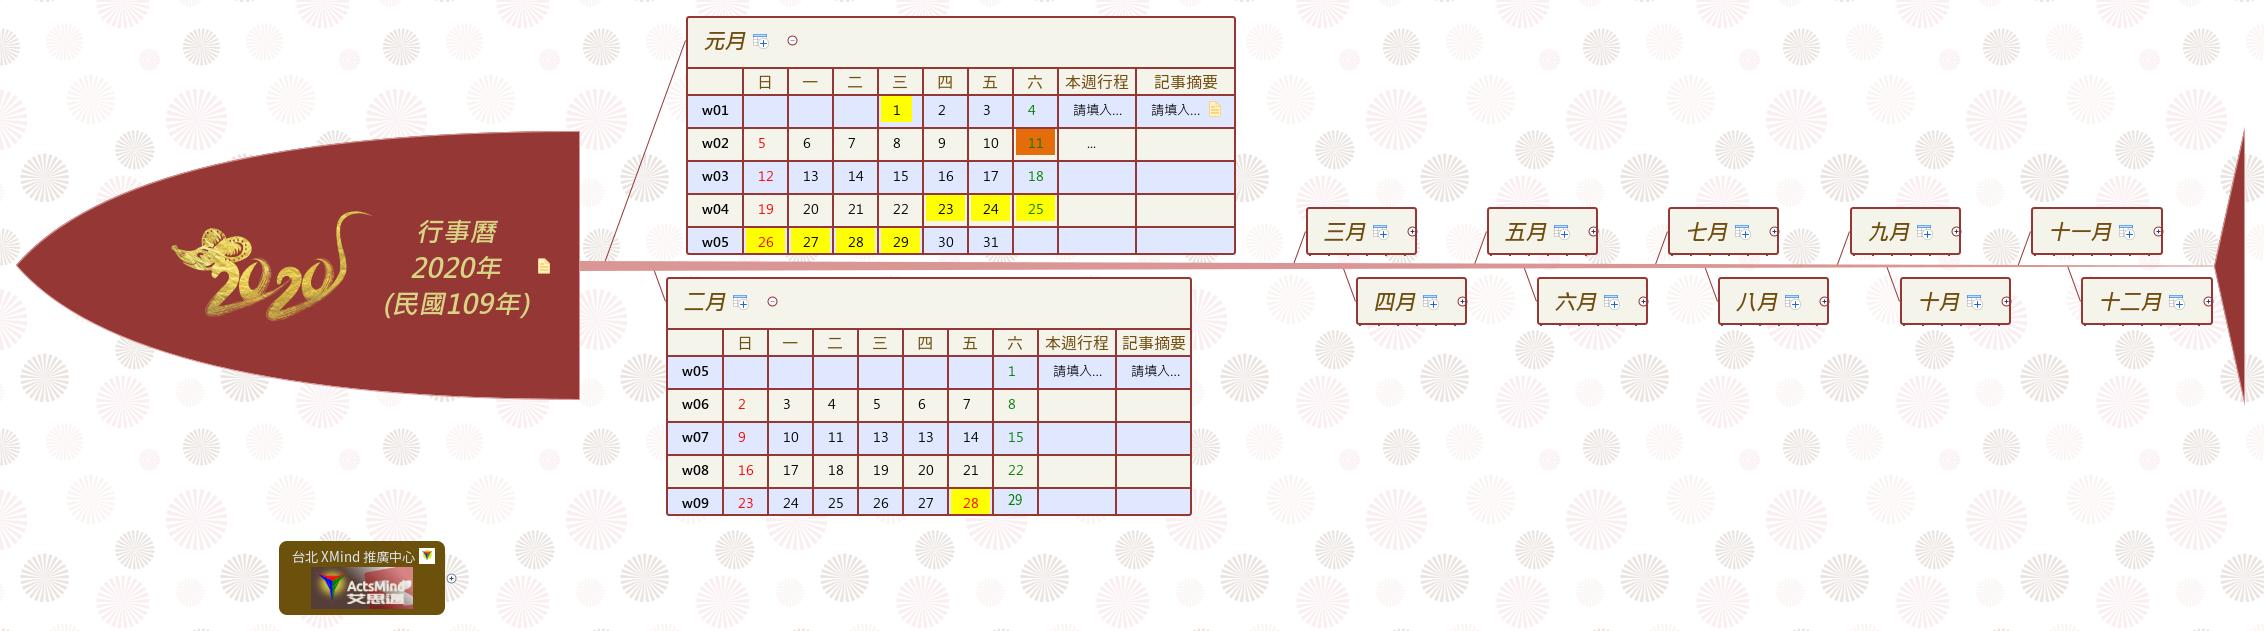 行事曆 2020年 (民國109年)